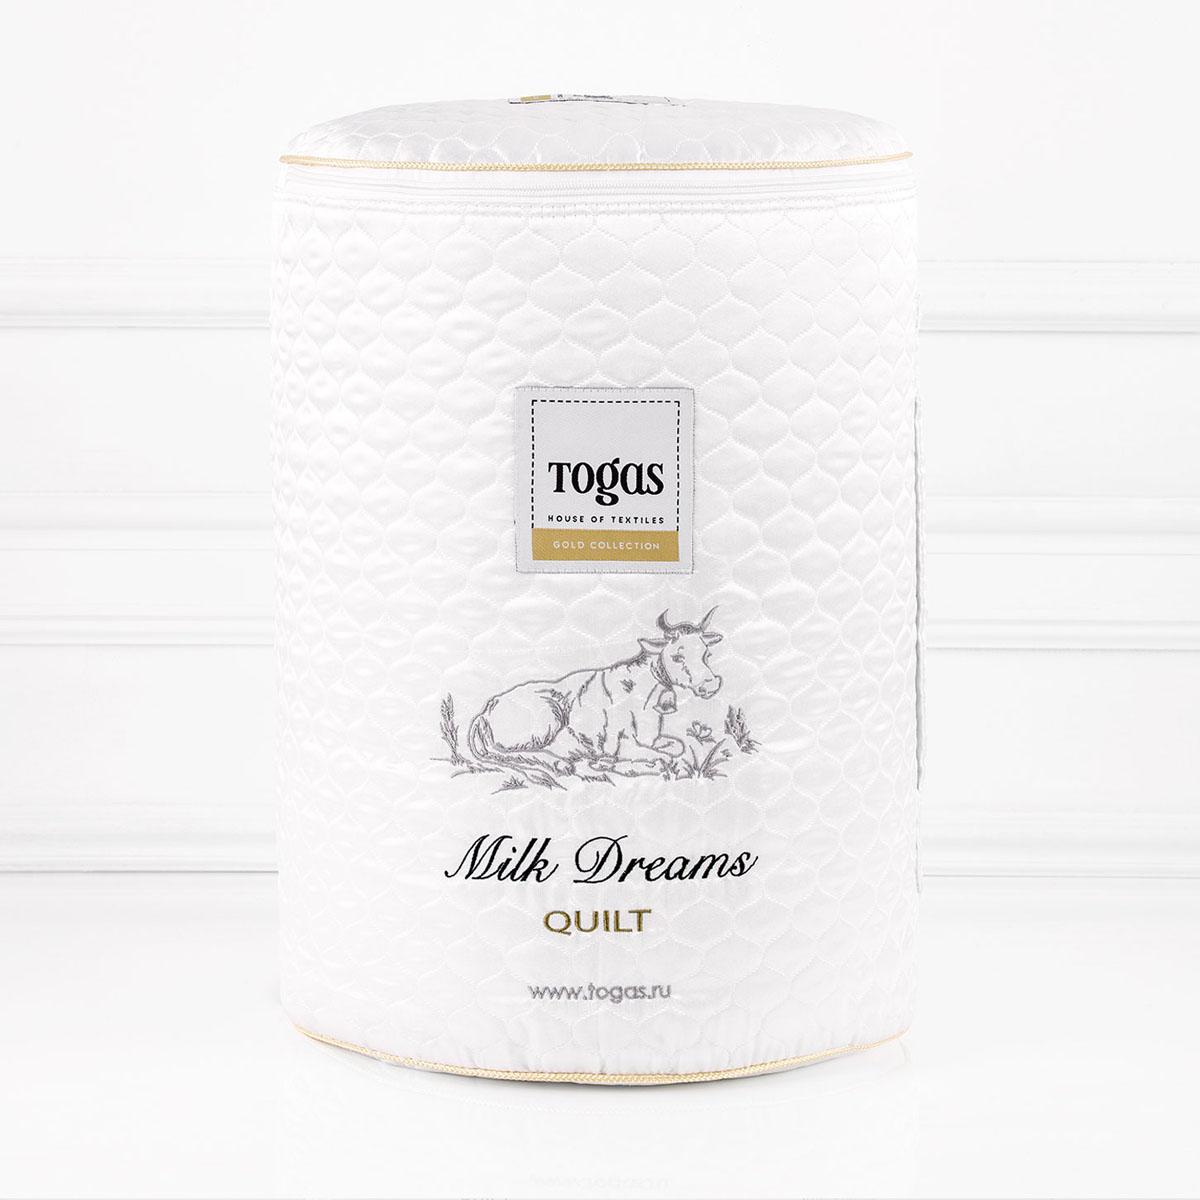 Милк Дримс одеяло 200х210 вес: 200гр/м2531-105Состав: чехол - 100% модал-жаккард; наполнитель - молочное волокно, саше: запах лаванды.Степень тепла: всесезонноеДетали: одеяло кассетное, классический крой, двойная отстрочка, окантовка фиолетовым шнуром, наполнитель - молочное волокно .Цвет: белый.Размер: 200x210. 1 предмет.Уход: Возможна сухая химическая чистка с использованием исключительно химических чистящих средств, содержащих углеводород, бензин, хлорный этилен или монофтортрихлорметан, либо щадящая стирка при температуре 40 °С. После стирки одеяло необходимо расположить на ровной горизонтальной поверхности и оставить до полного высыхания. Одеяло МИЛК ДРИМС. Молочные или белковые волокна - это текстильный наполнитель, который производят путем полимеризации белков казеина , входящих в состав молока. Они характеризуются своей мягкостью, отличными теплоизоляционными свойствами, а по показателям гигроскопичности даже превосходит шерсть. Белковые волокна считаются экологически чистыми и полезными для здоровья. Содержат естественный увлажнитель, который смягчает кожу, и незаменимые аминокислоты , продлевающие молодость, обладают гипсаллергенными свойствами, а также прекрасно впитывают влагу и оказывают антибактериальное воздействие. Чехол данного изделия сделан из модала- ткани , производимой из натуральной древесной целлюлозы Саше с ароматом лаванды , прикрепленное по Вашему желанию внутри подушки или одеяла , поможет Вам расслабиться после дневных забот, напоминая о душистых полях, согретых летним солнцем. Наполнитель: молочное волокно, Чехол: 100% модал-жаккард, саше: запах лаванды1 одеяло 200х210Вид принта: однотонный